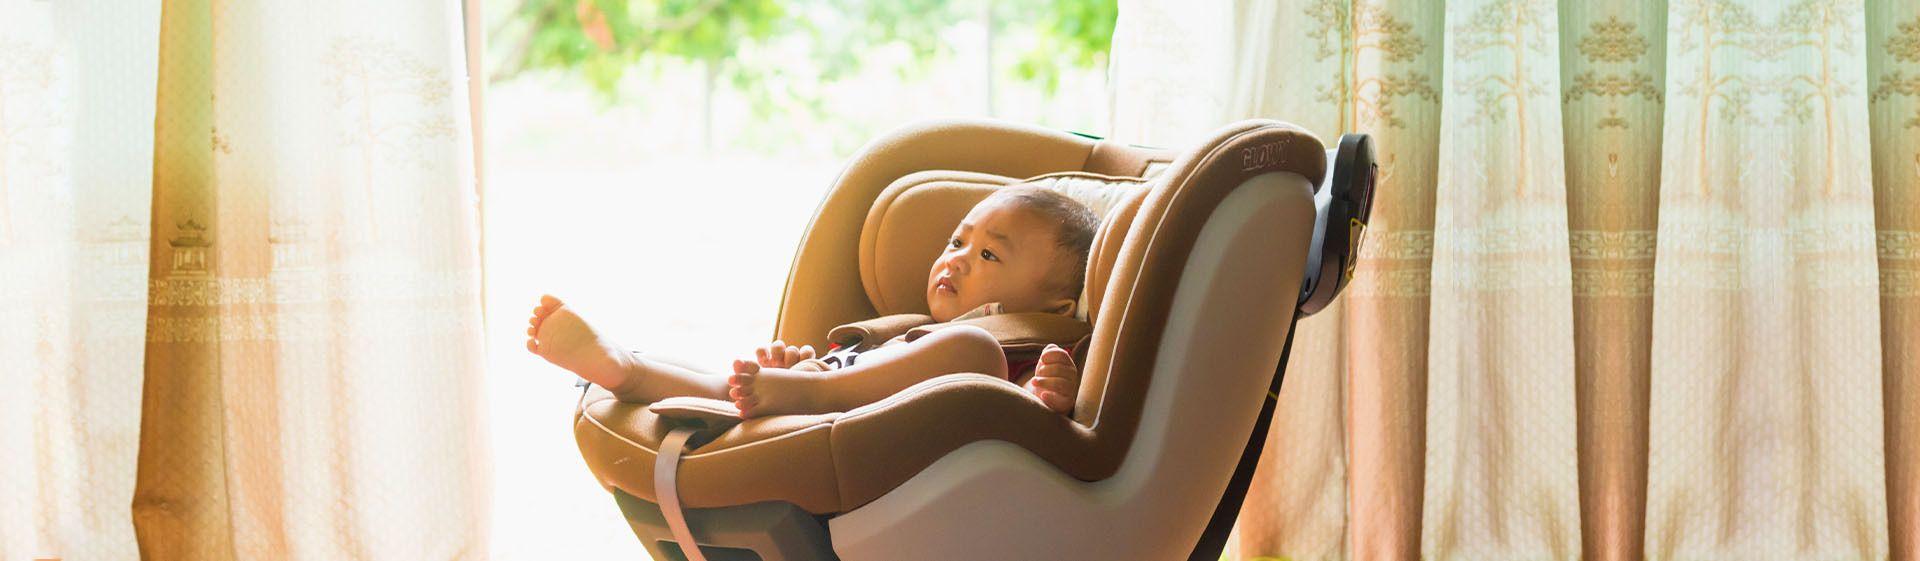 Melhor bebê conforto de 2021: 7 modelos para comprar